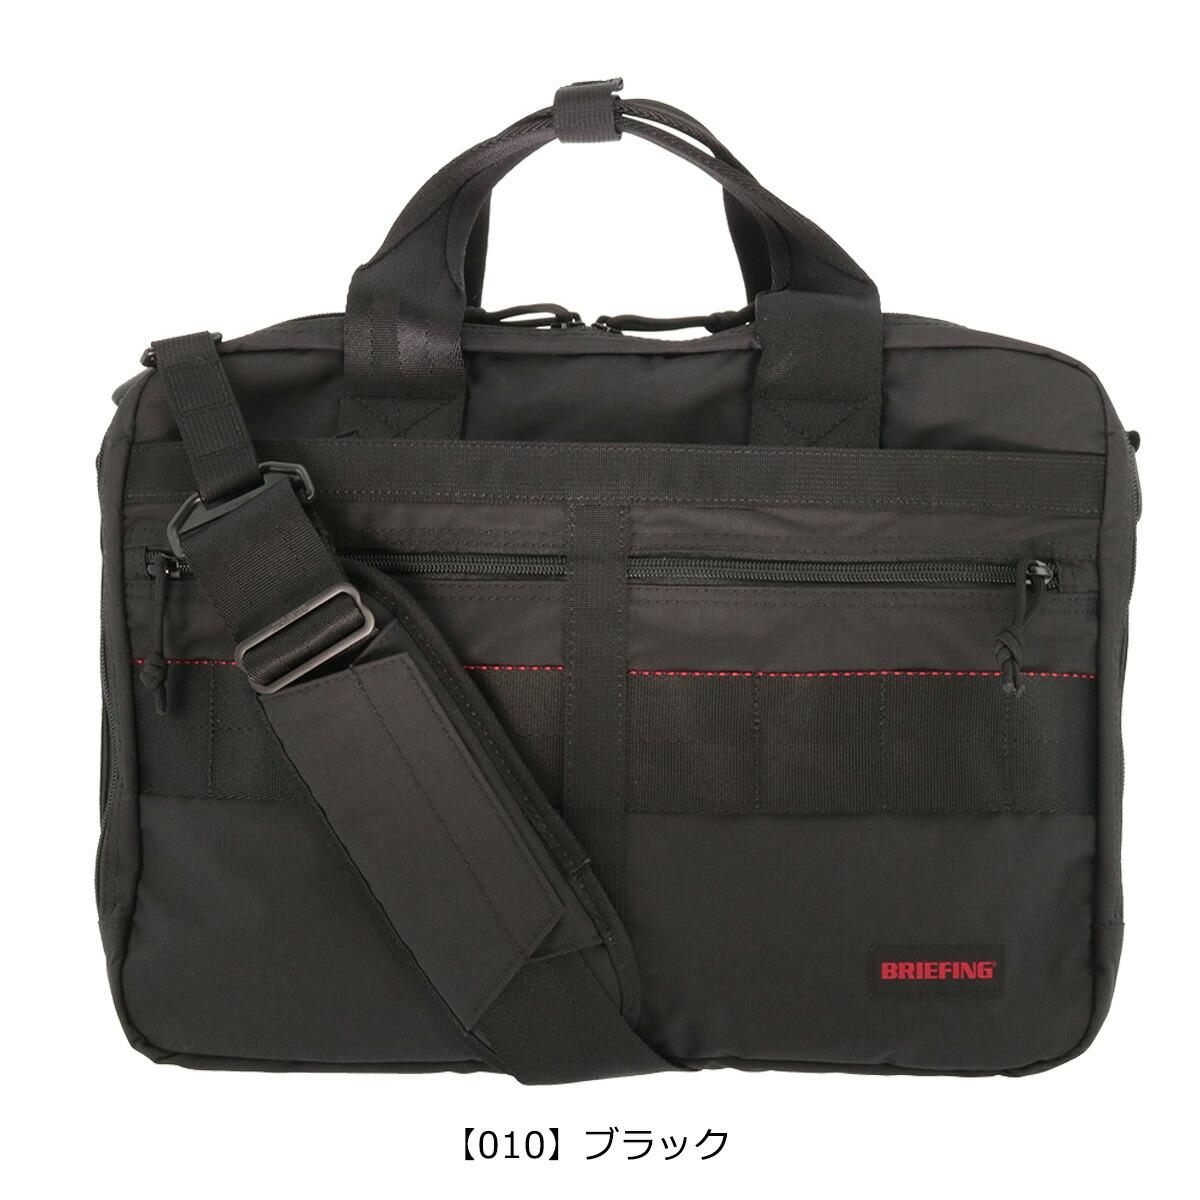 【010】ブラック